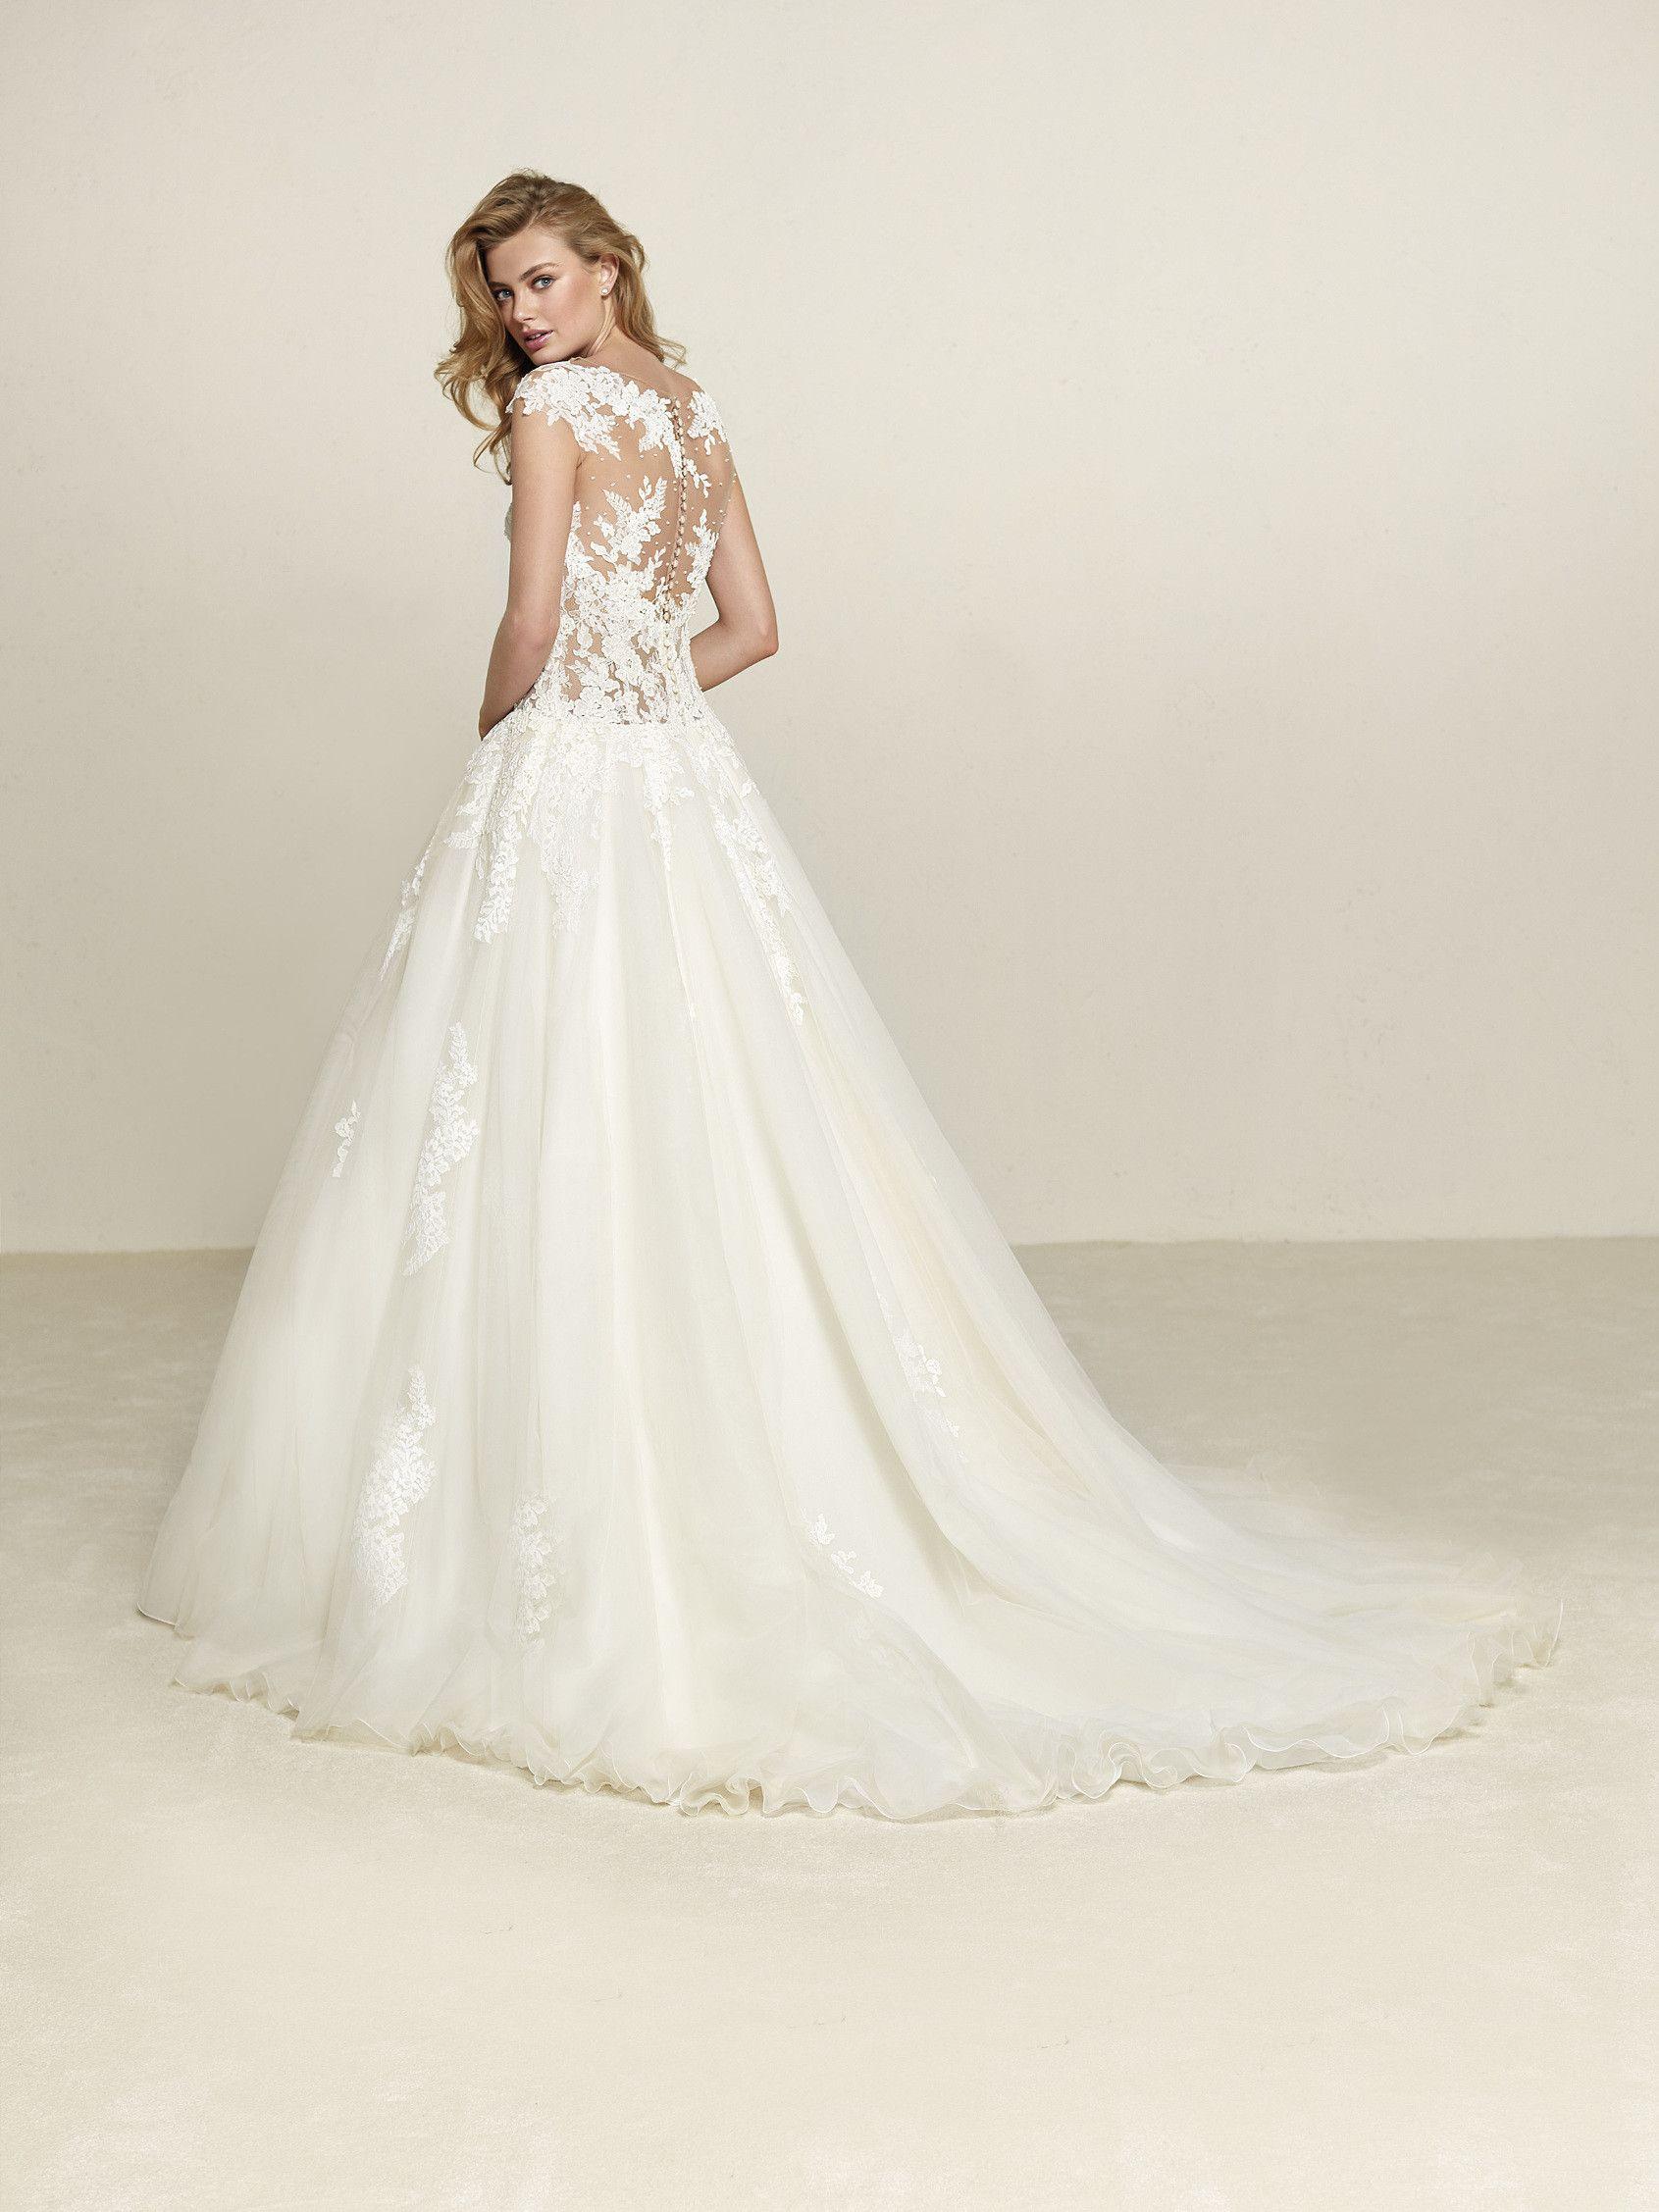 Brautkleid Prinzessin-Stil Tüllpasse | Hochzeitskleider | Pinterest ...